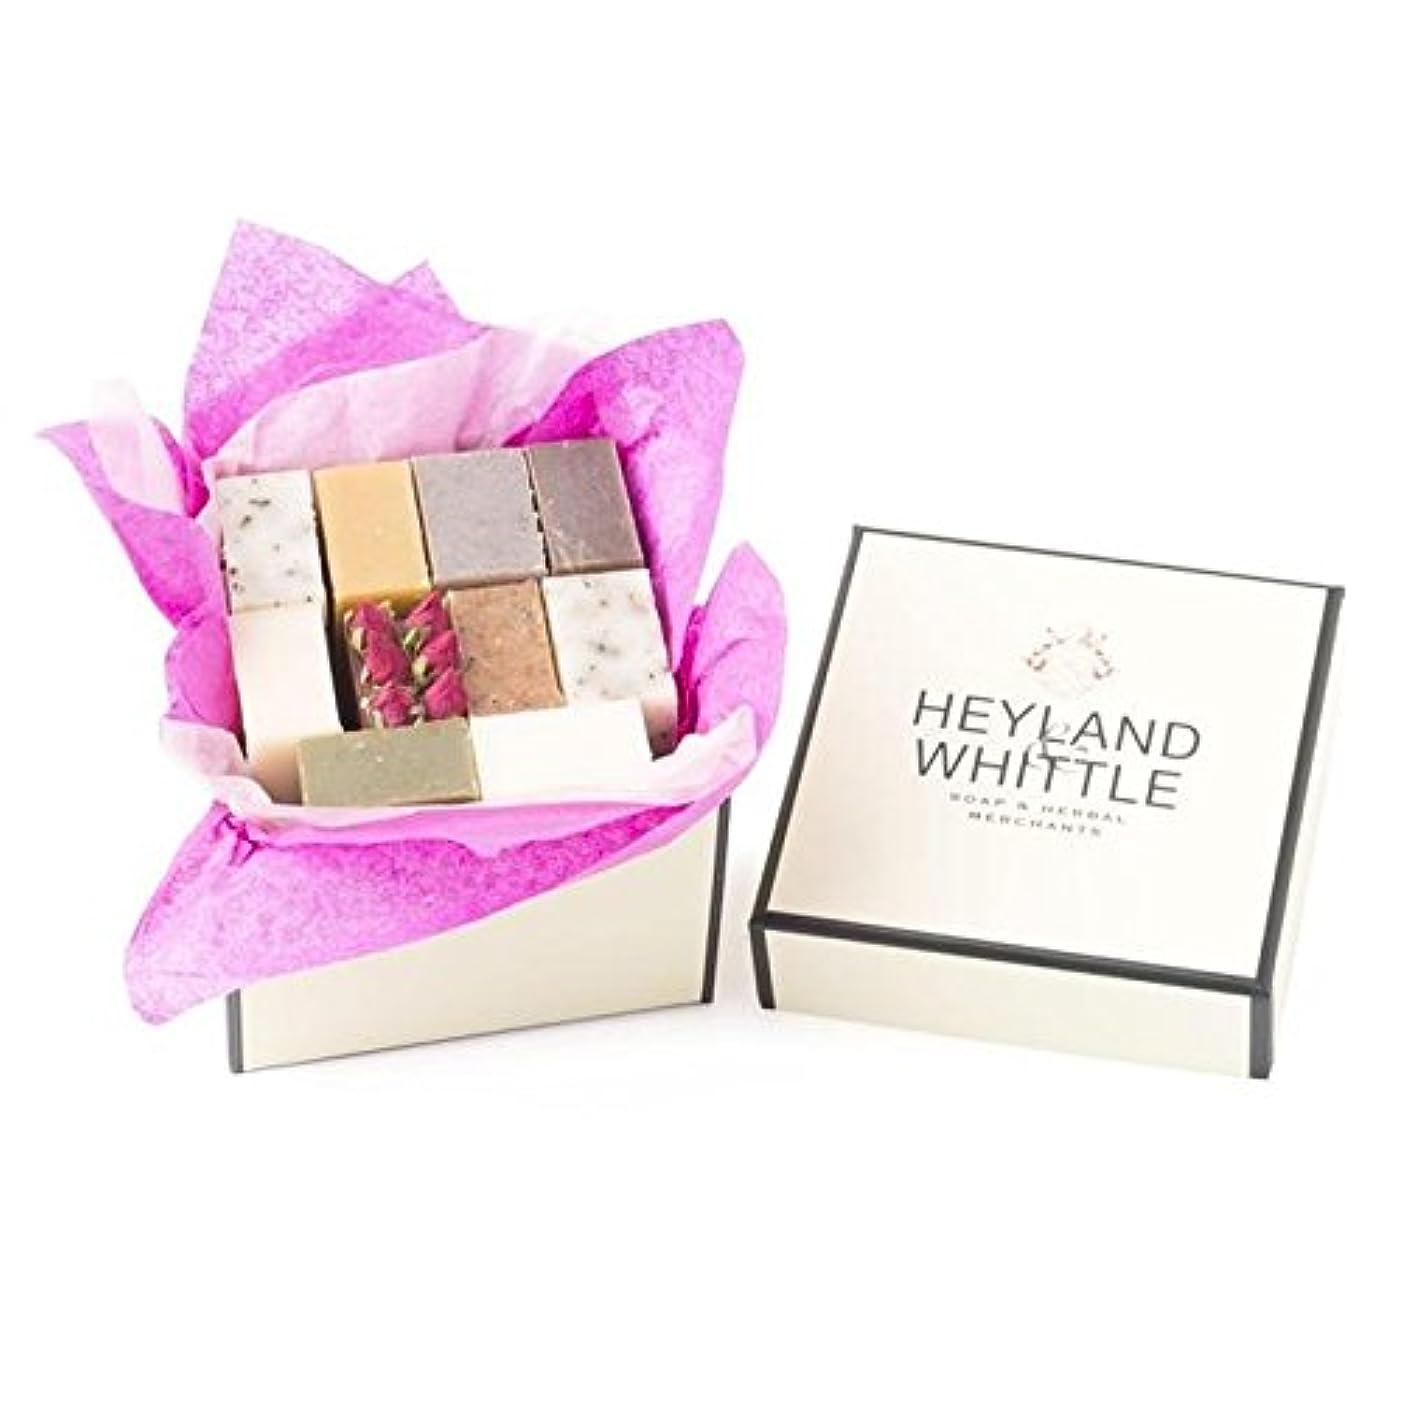 滅多麻痺させるマンモスHeyland & Whittle Soap Gift Box, Small (Pack of 6) - 小さな&削るソープギフトボックス、 x6 [並行輸入品]